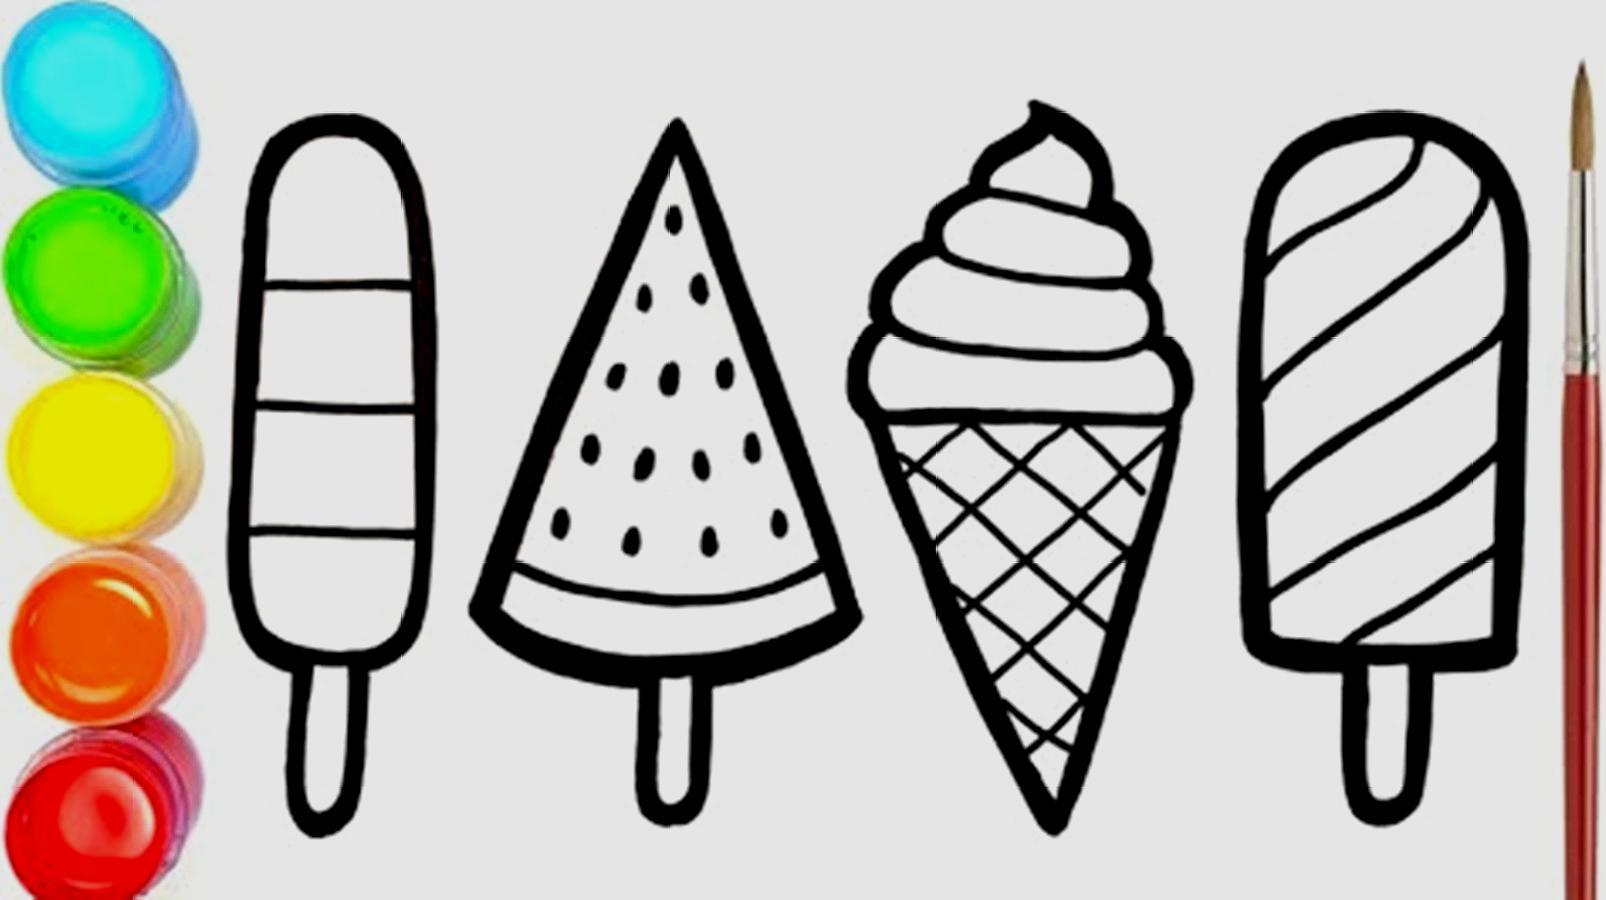 冰淇淋简笔画怎么画